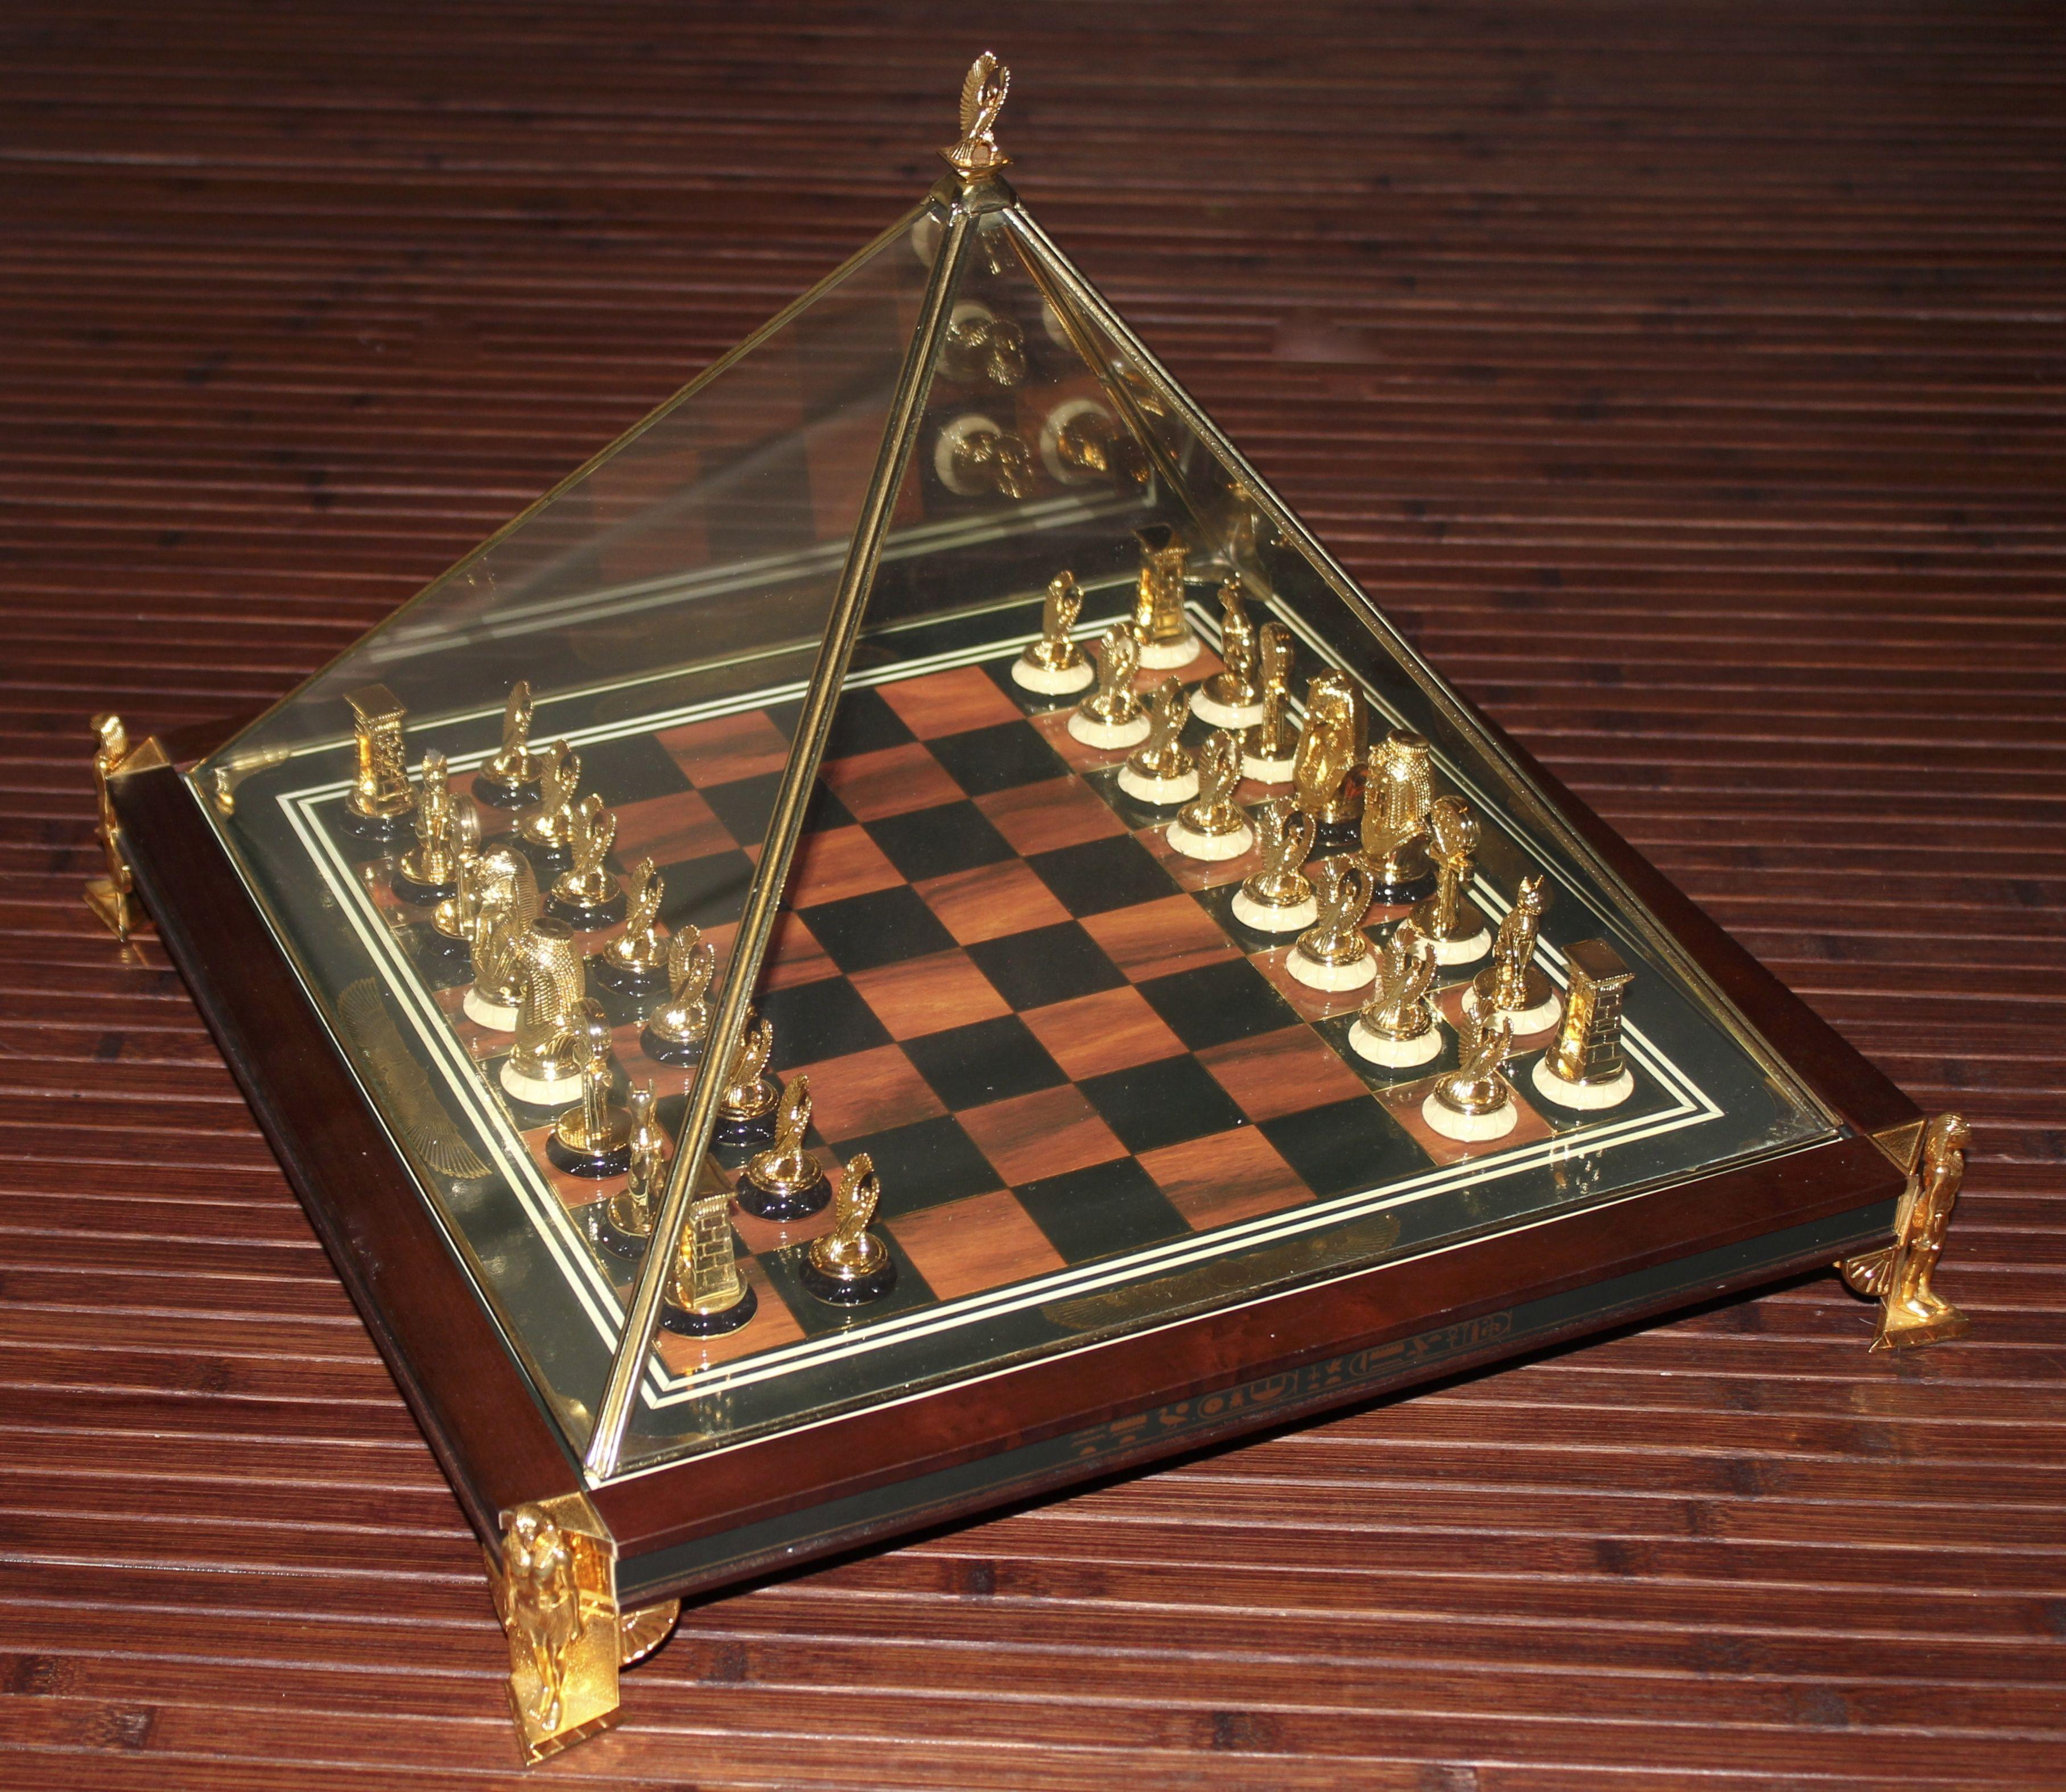 The Treasures Of Tutankamun Chess Set Chess Pieces